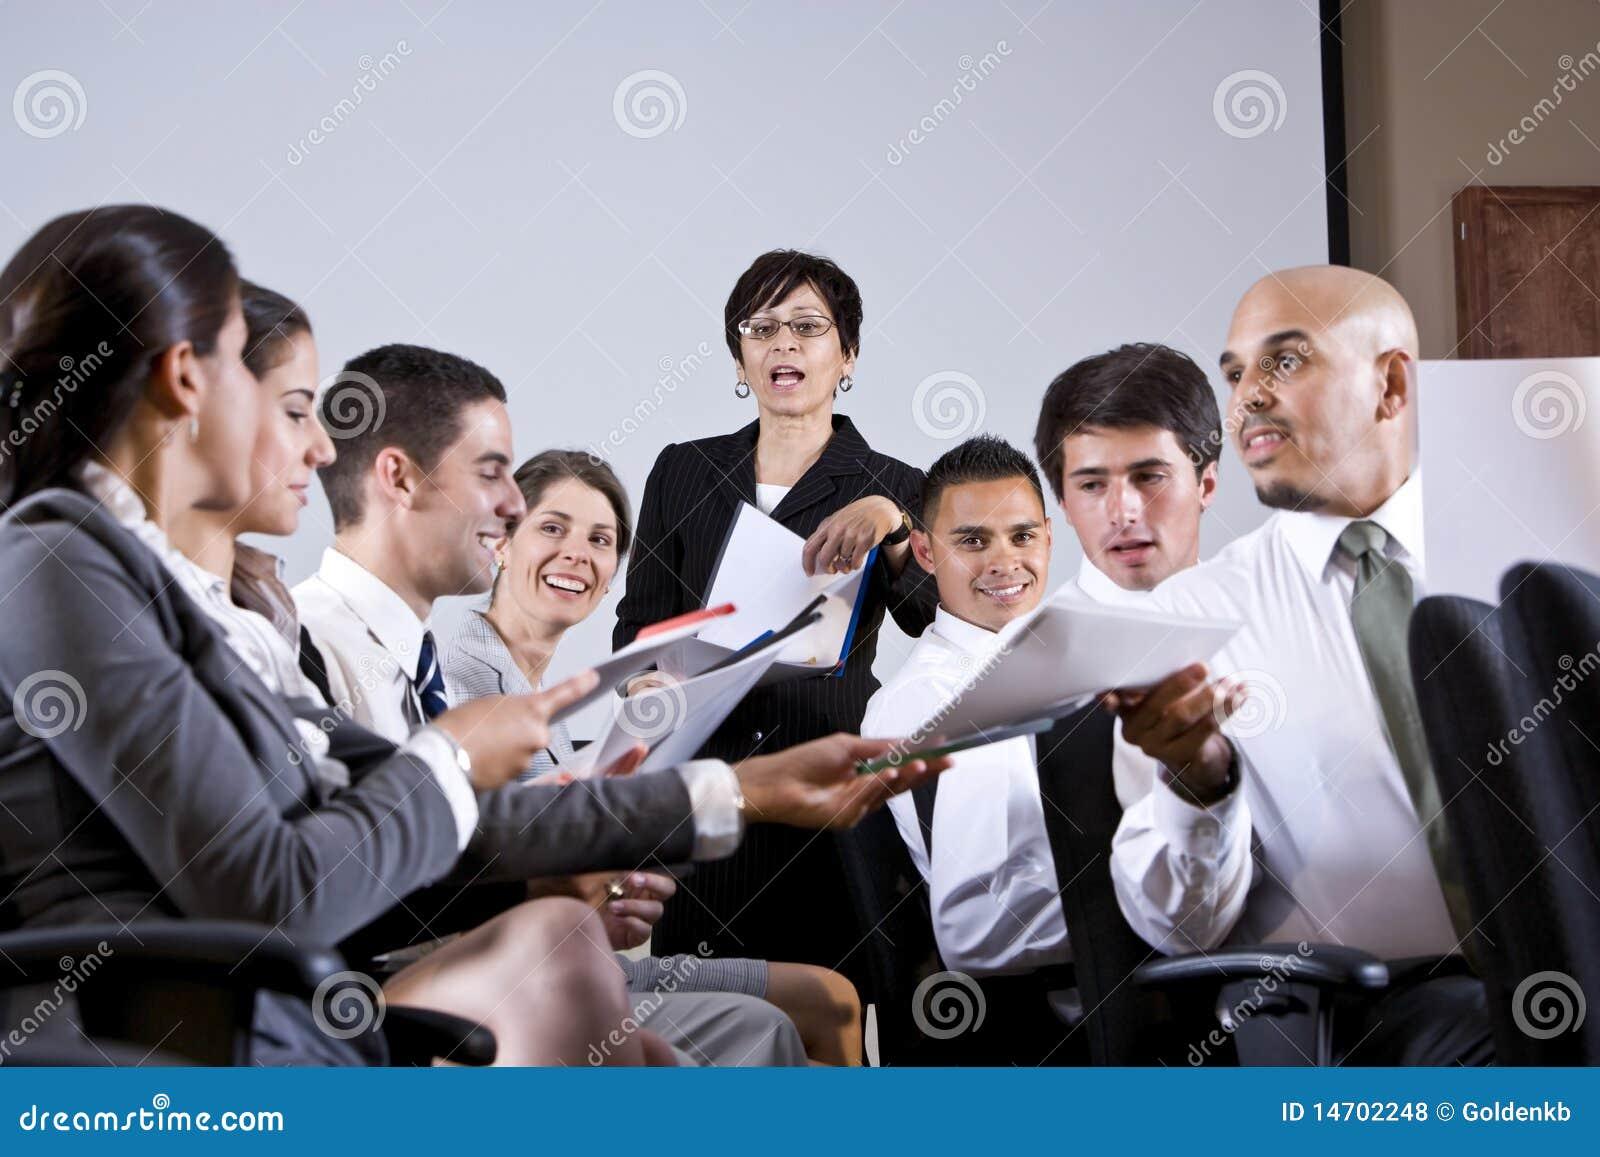 Επιχειρησιακή παρουσίαση ομάδας που διανέμει τα έγγραφα